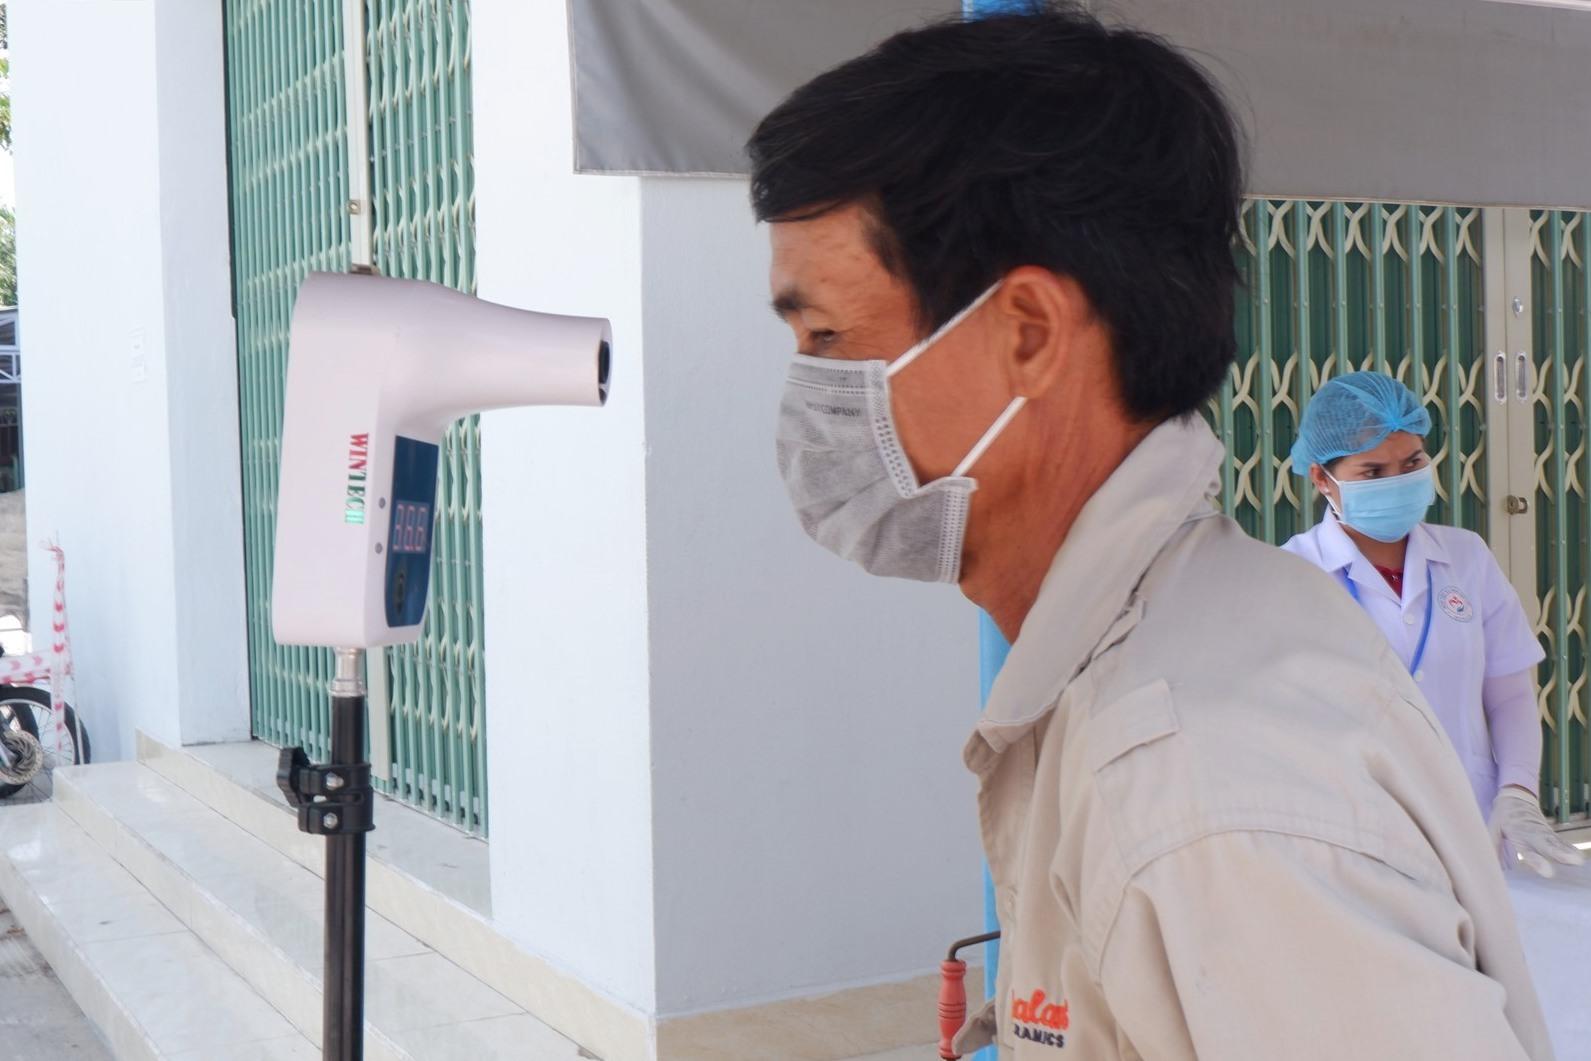 Kiểm tra thân nhiệt trước khi vào bệnh viện.